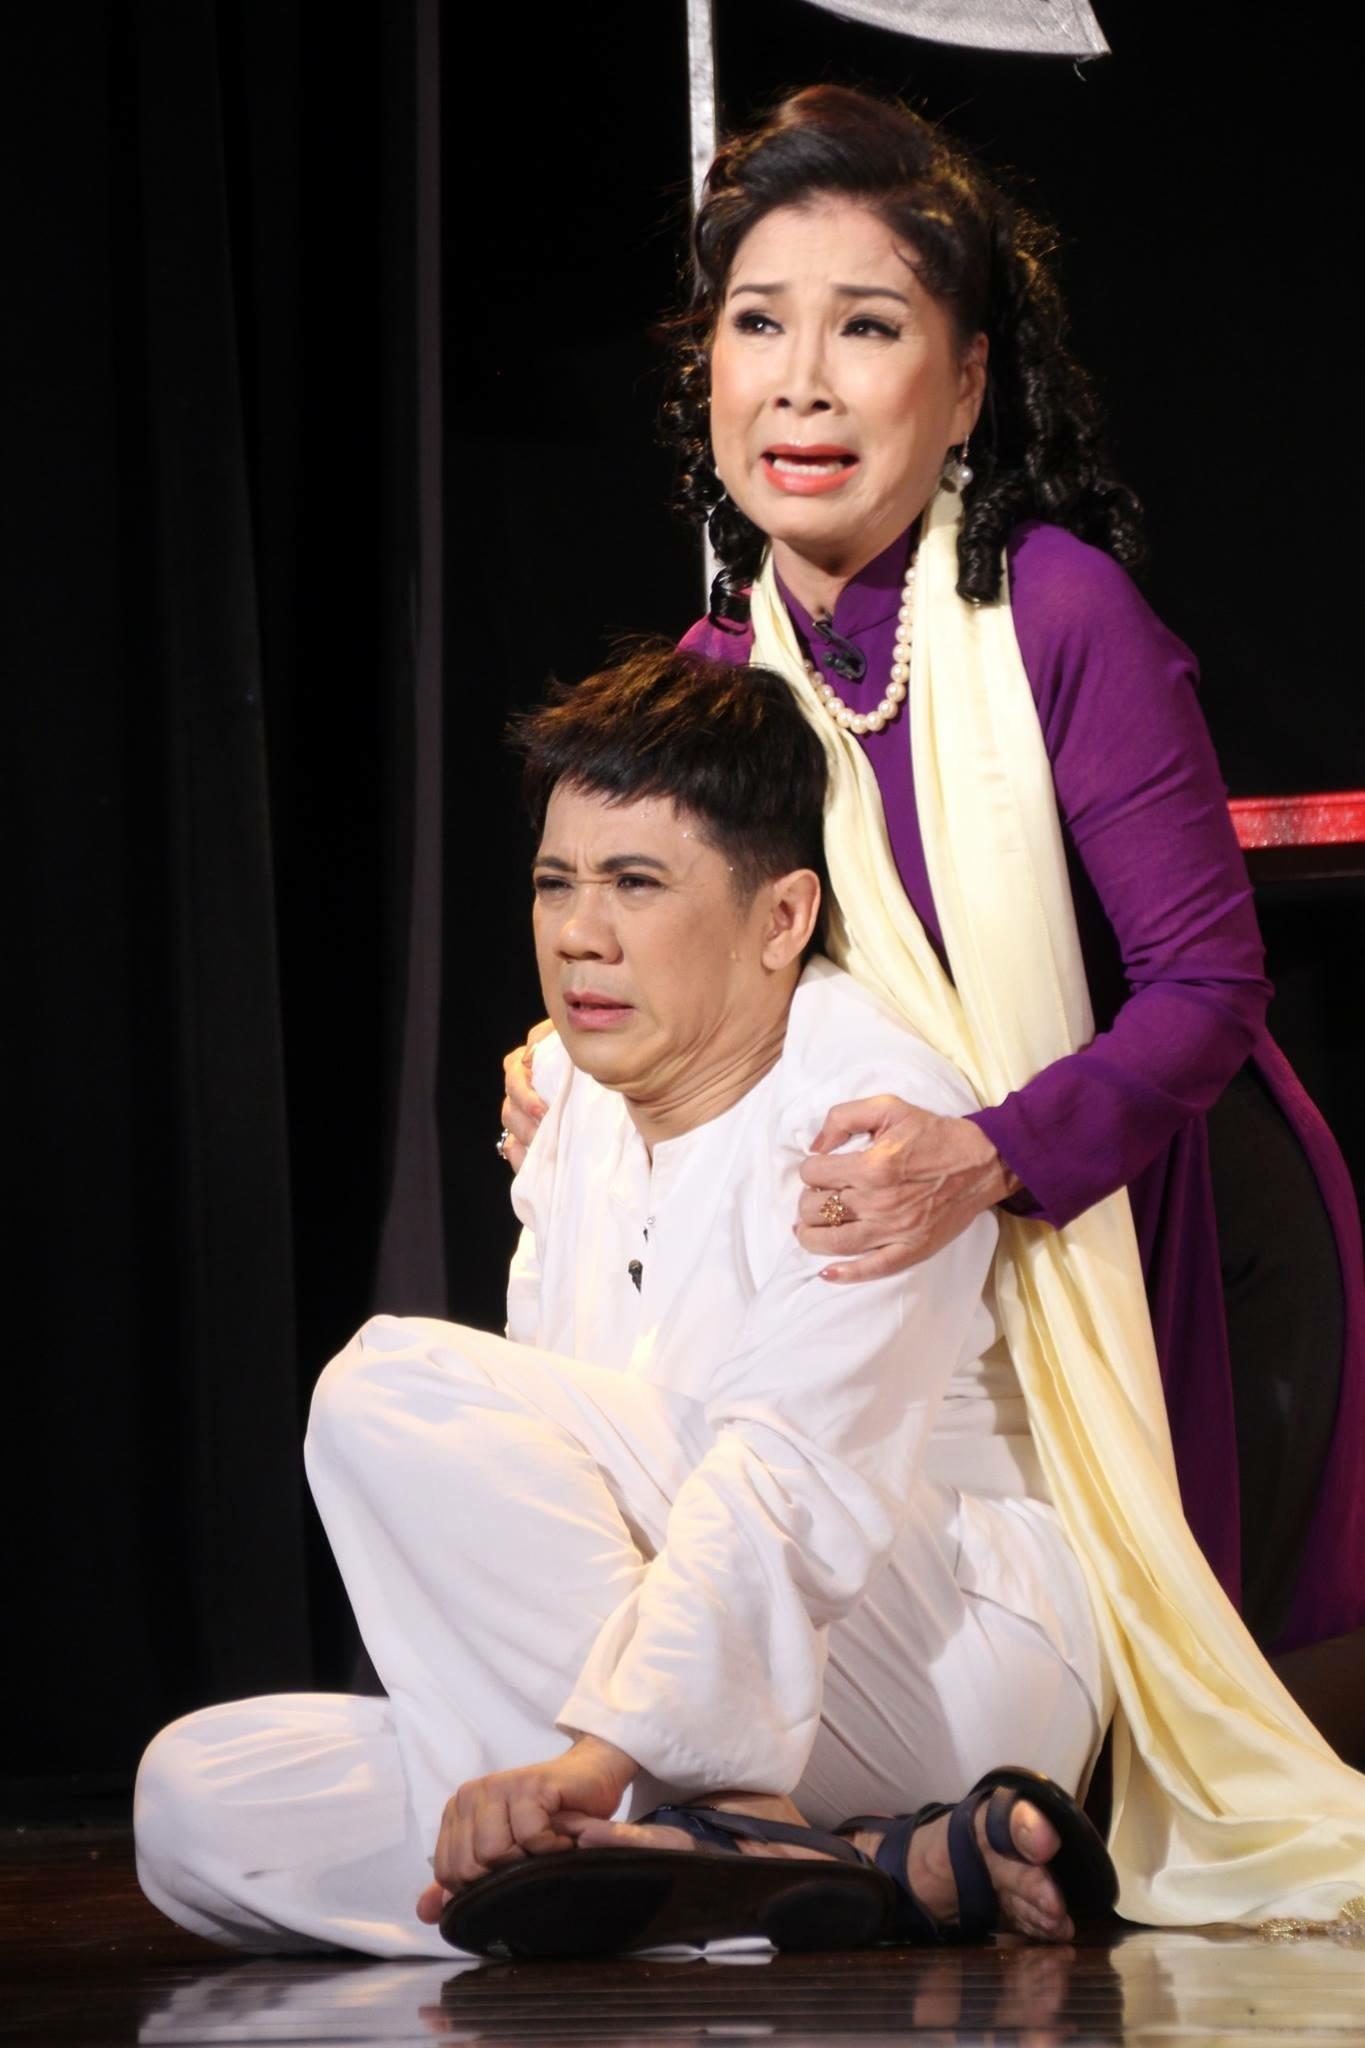 NSƯT Kim Xuân và vai diễn Người mua hạnh phúc - một trong những vai diễn ấn tượng trong sự nghiệp diễn xuất của cô